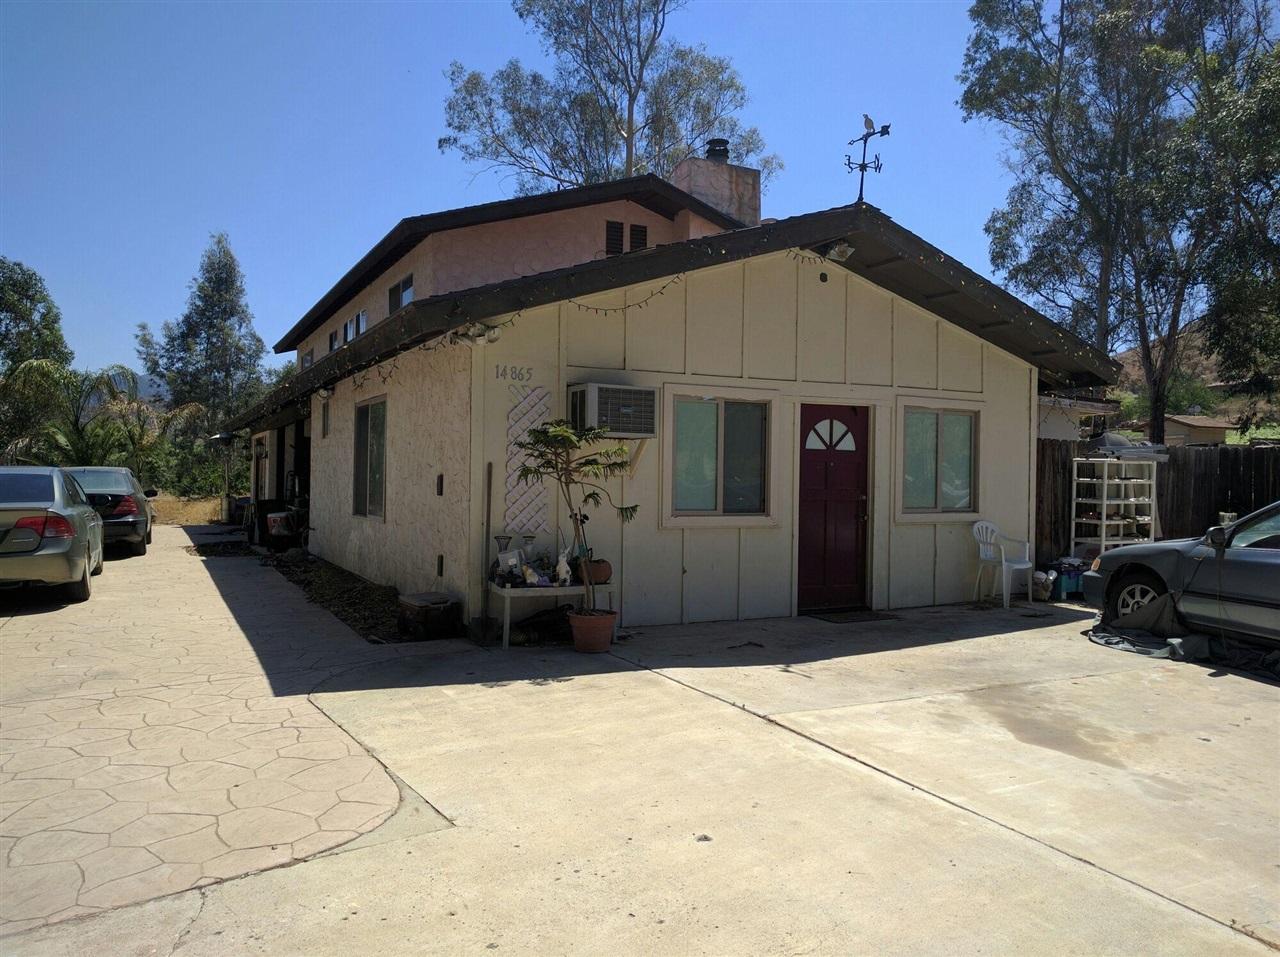 14865 Quail Haven Lane, El Cajon, CA 92019